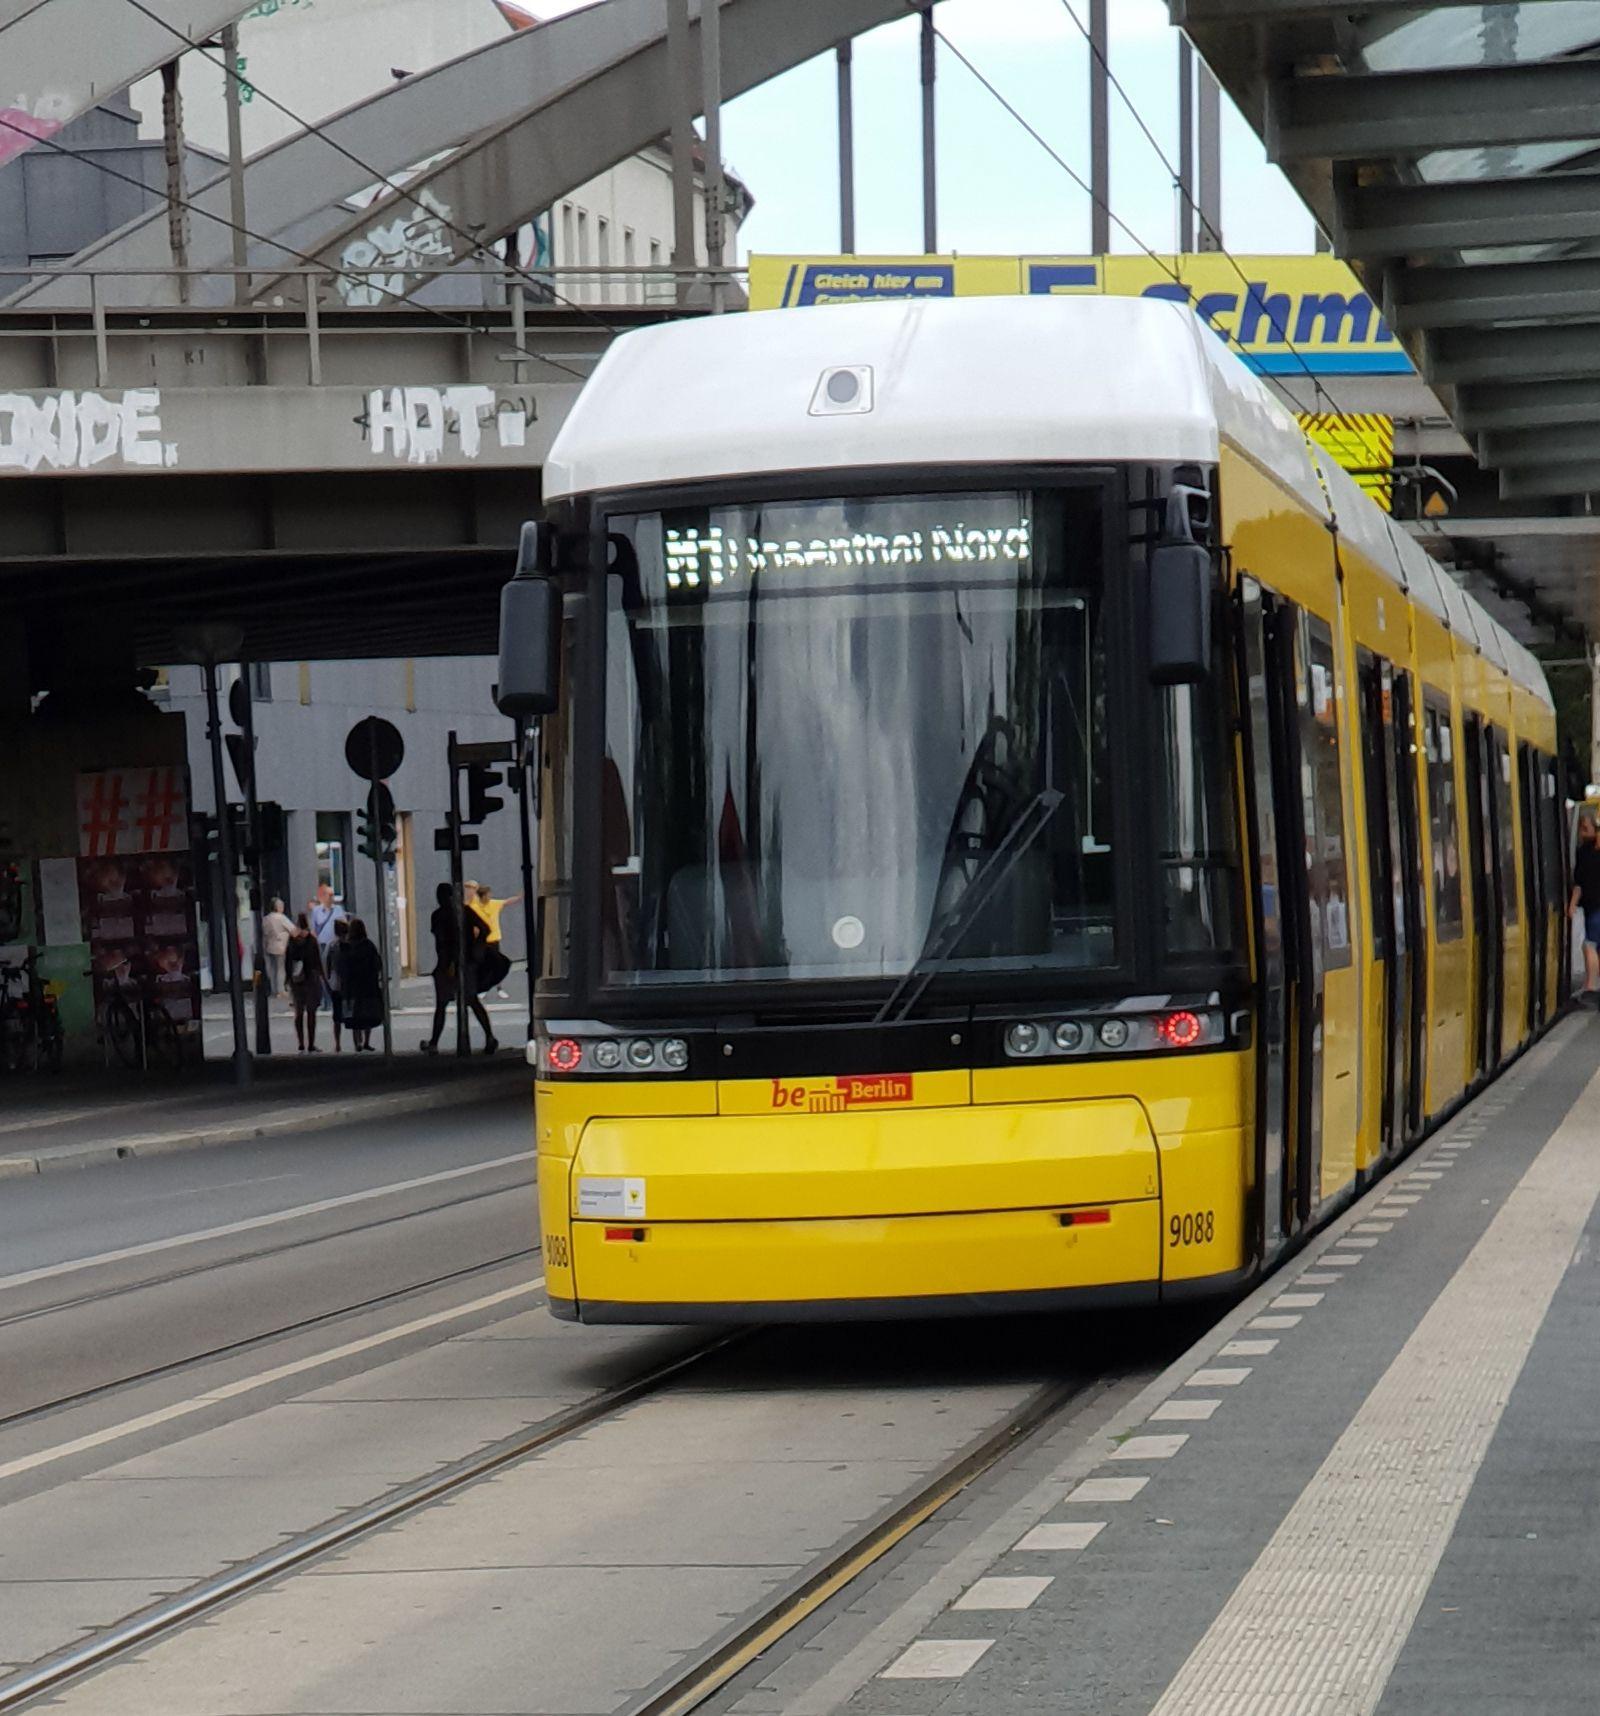 Foto: Straßenbahn 9088, Typ Flexity ZRL, Pankow, August 2018